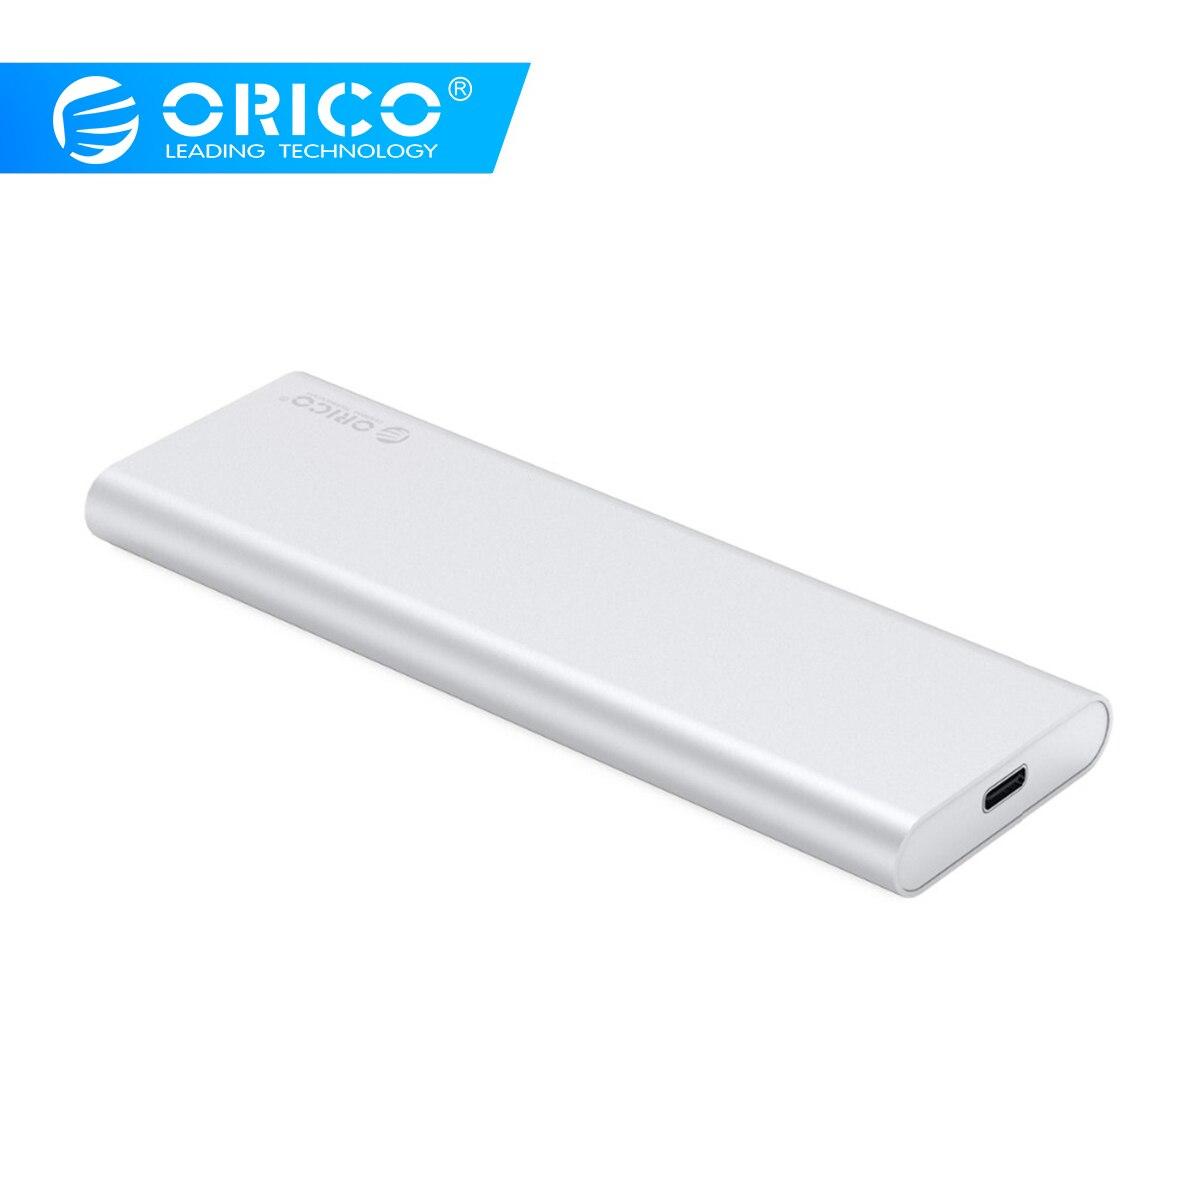 ORICO 2 Baie SSD Boîtier Type-c USB3.1 10gbps Gen2 M SATA SDD Soutien Raid 0 PM 2 TO 4 TO Max Compatible avec Windows/Linux/Mac